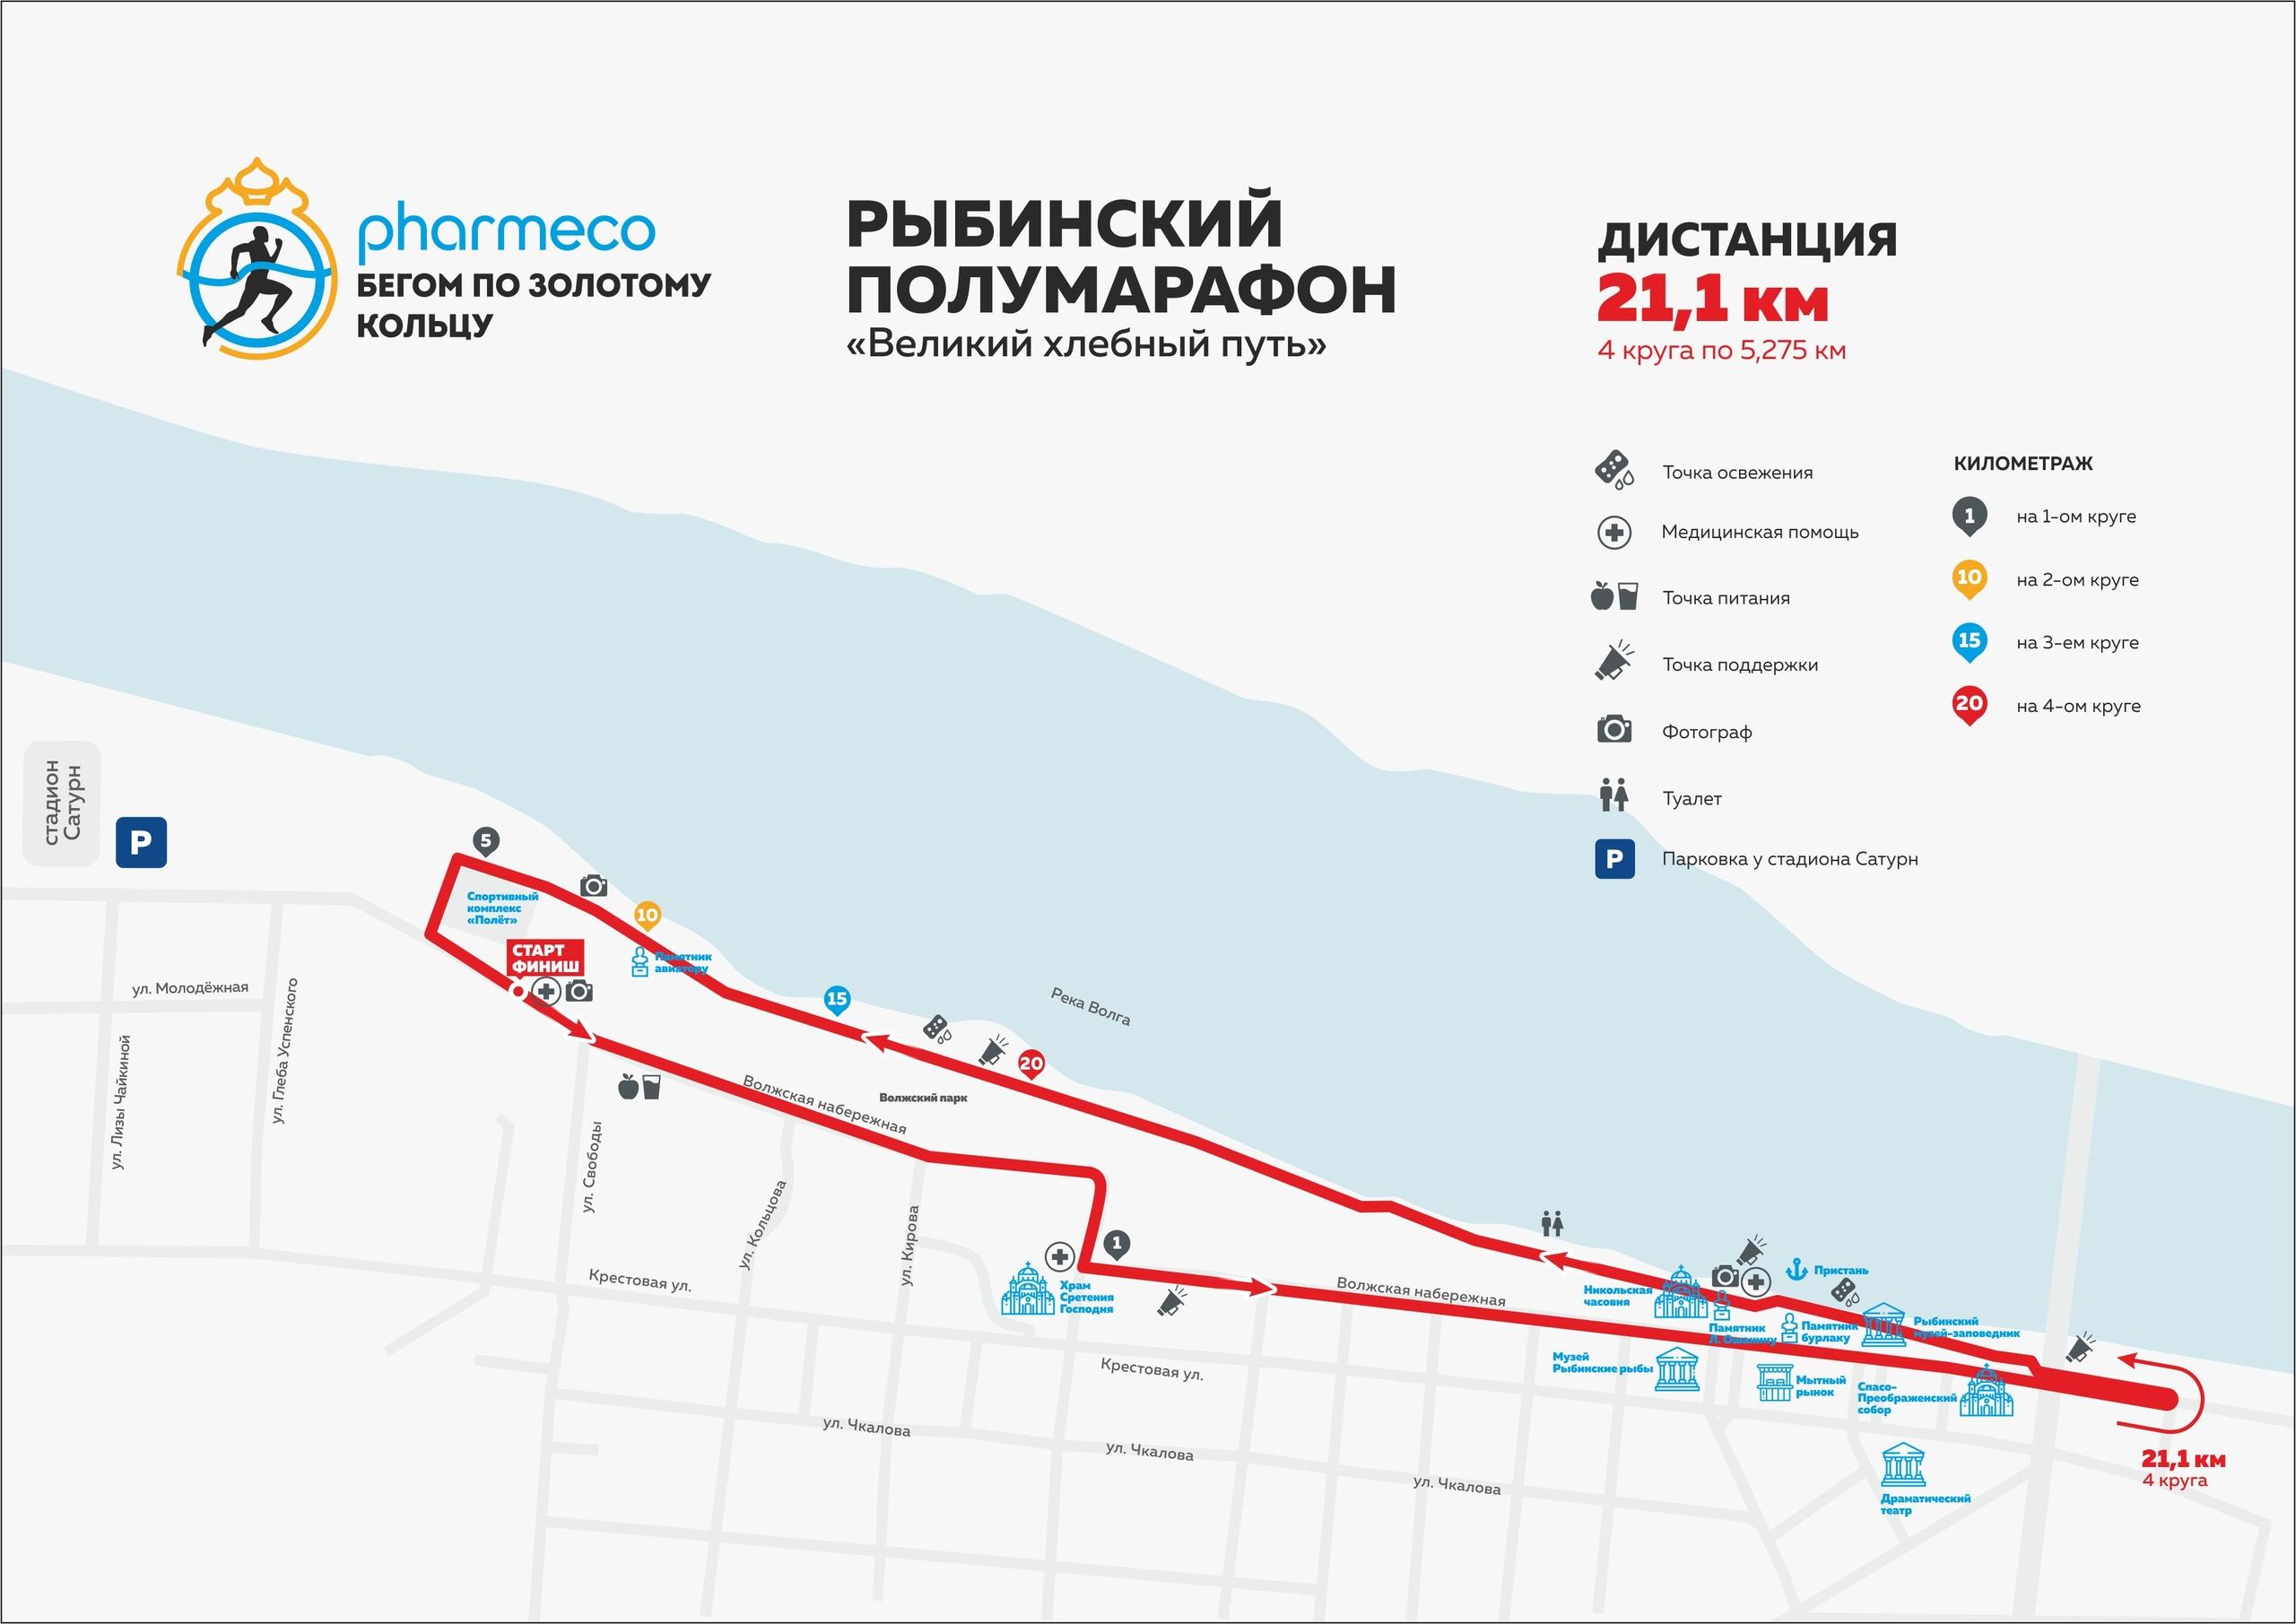 Дистанция 21,1 км - Рыбинский полумарафон 2020